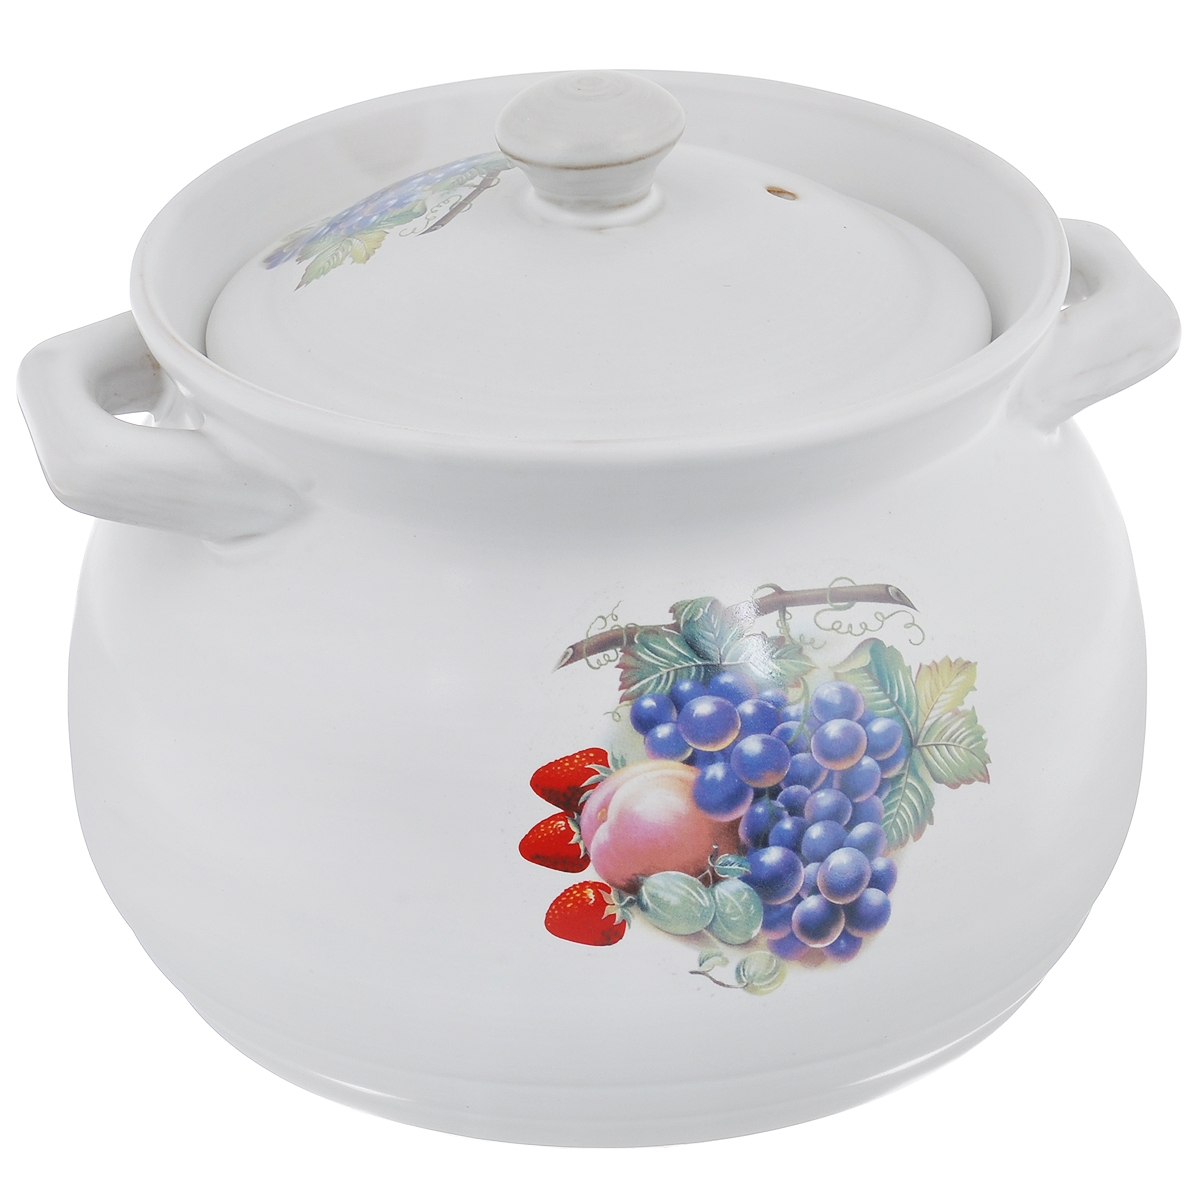 Кастрюля Bekker с крышкой, цвет: белый, 3,8 л. BK-7321BK-7321 фруктыКастрюля Bekker изготовлена из жаропрочной керамики и декорирована изображением фруктов. При приготовлении в керамической посуде сохраняются питательные вещества и витамины. Керамика - прочный материал, который эффективно и быстро нагревается и удерживает тепло, медленно и равномерно его распределяя. Кроме того, керамика термостойка: она выдерживает температуру от - 30°С до 230°С. Кастрюля оснащена удобными ручками. Крышка изготовлена из керамики и оснащена отверстием для выхода пара. Она плотно прилегает к краю кастрюли, сохраняя аромат блюд. Можно использовать на газовой, электрической, керамической плитах и в духовом шкафу. Рекомендована ручная чистка.Высота стенки кастрюли: 16,2 см.Толщина стенки кастрюли: 5 мм.Толщина дна кастрюли: 4 мм.Ширина кастрюли с учетом ручек: 23 см.Диаметр дна кастрюли: 18,5 см.